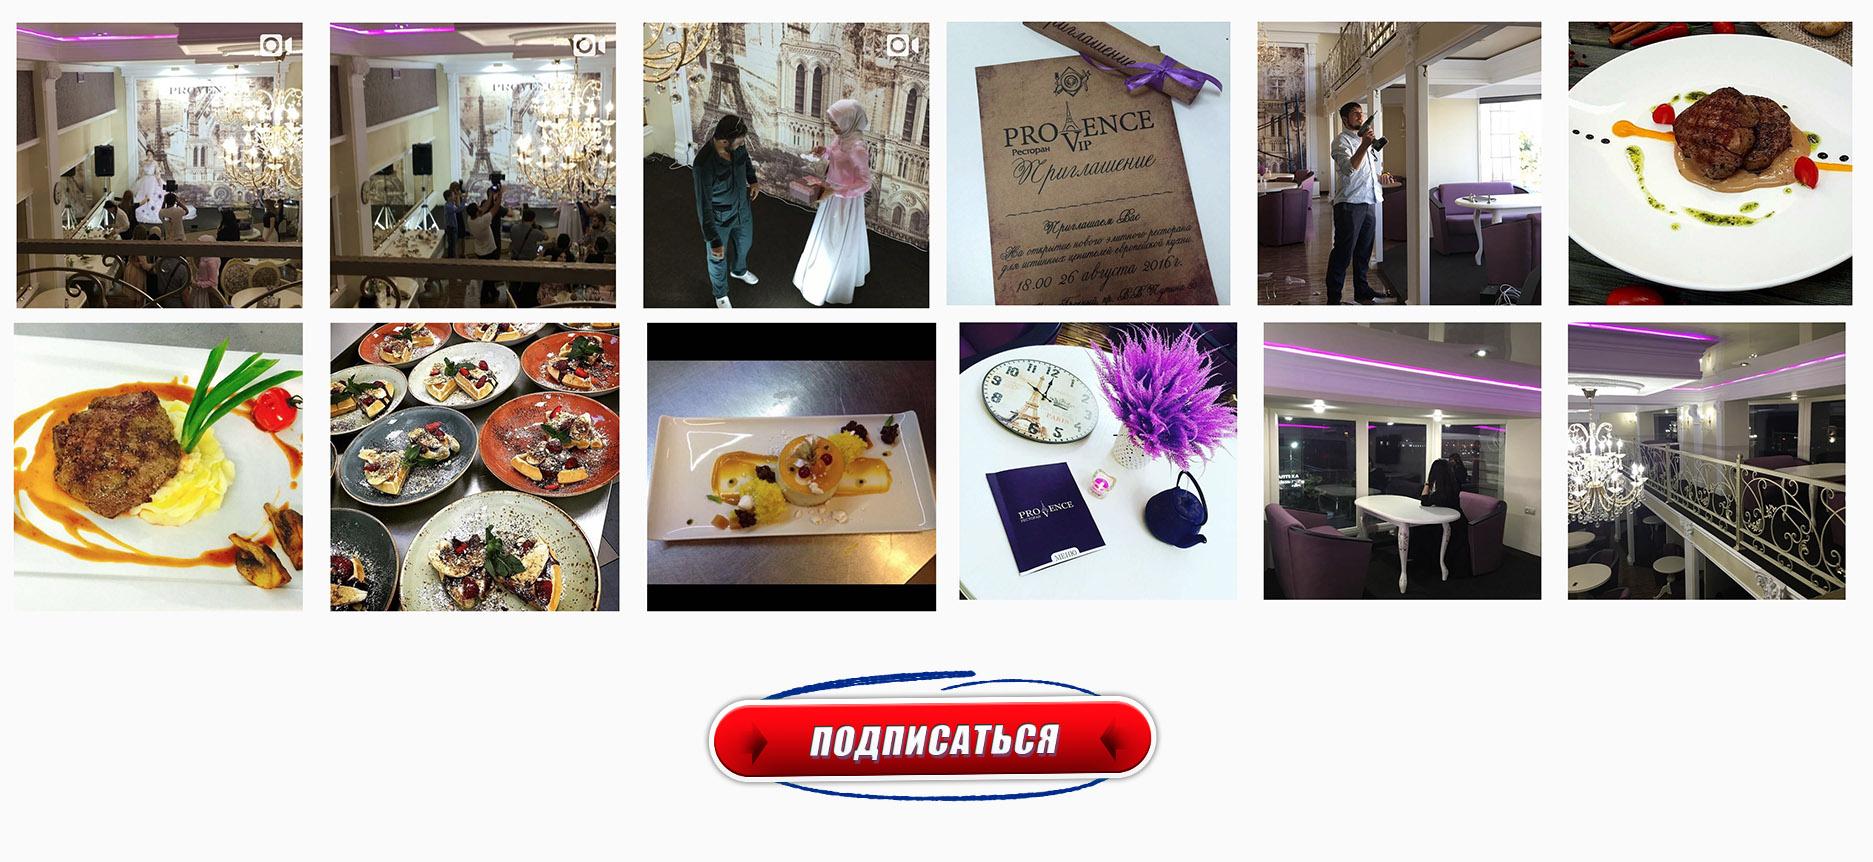 """Ресторан """"Provence"""" инста"""